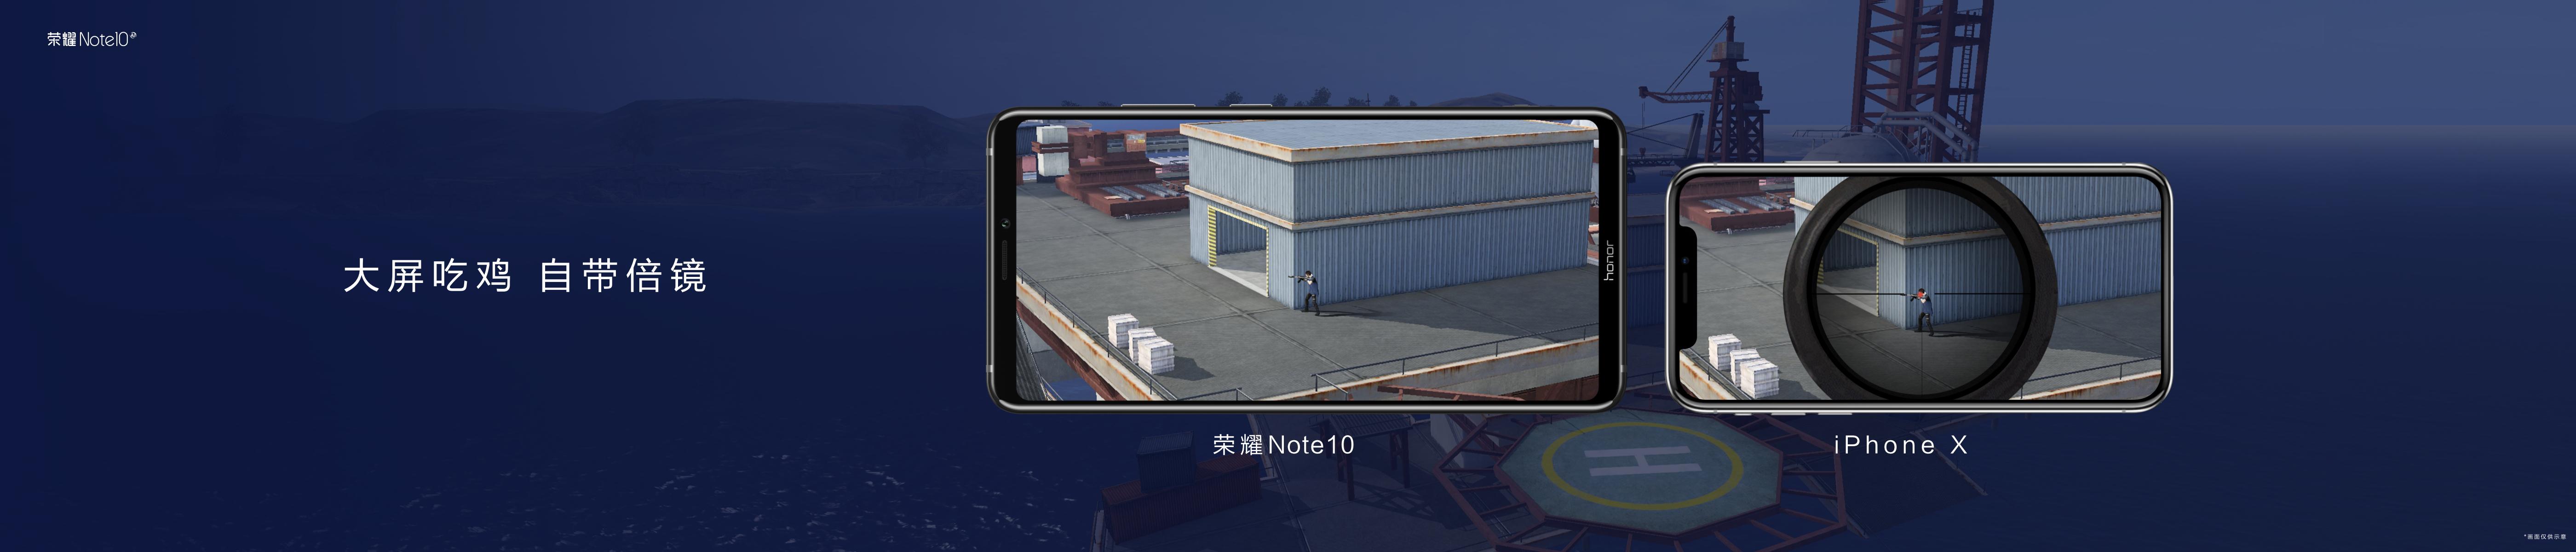 液冷双Turbo火力全开,AI大屏旗舰荣耀Note10颠覆手游体验279